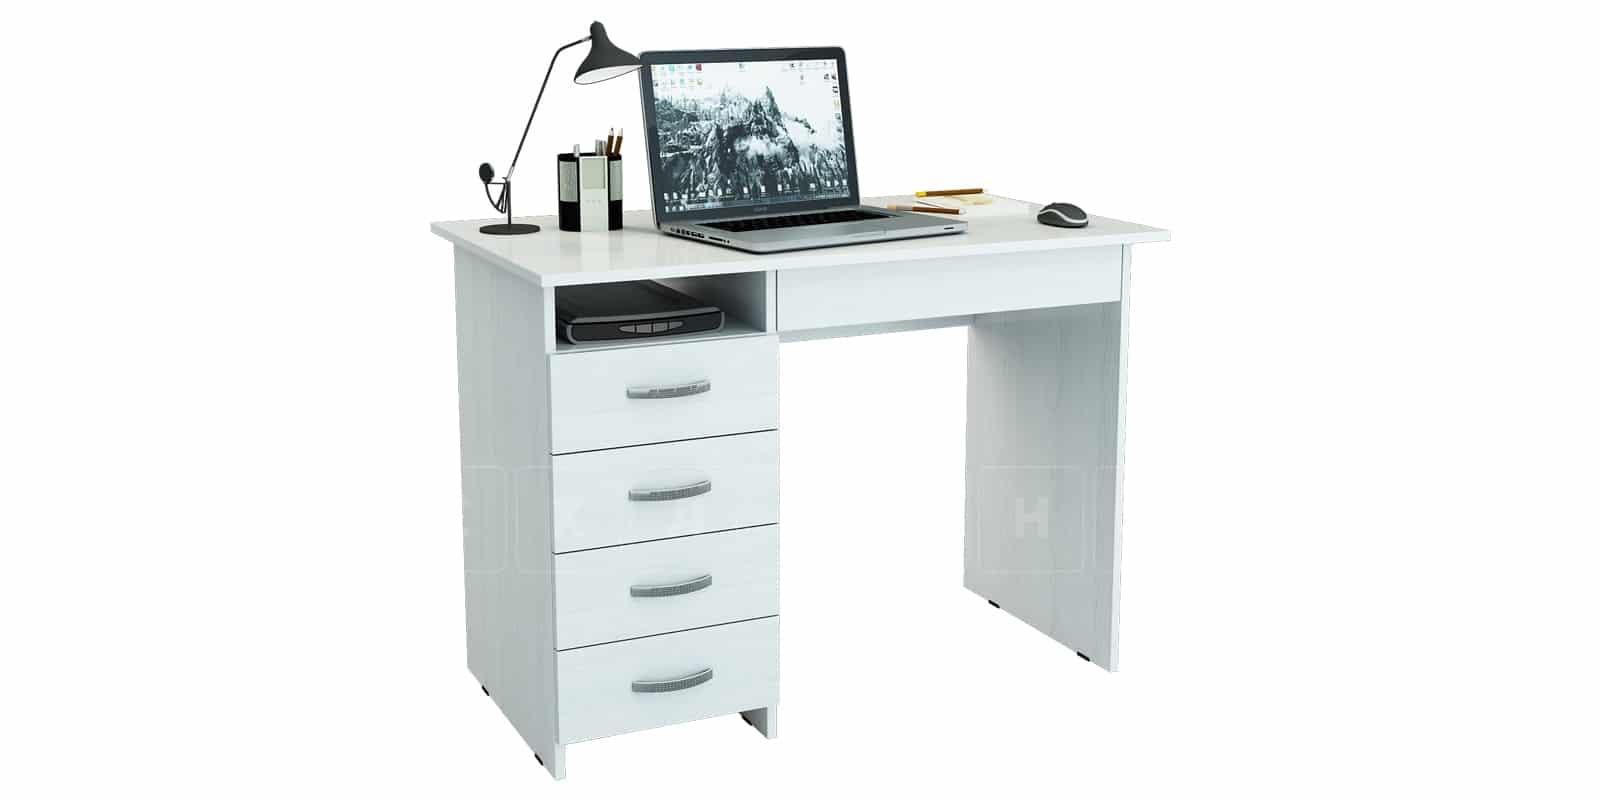 Офисный стол Харви с ящиками фото 5 | интернет-магазин Складно